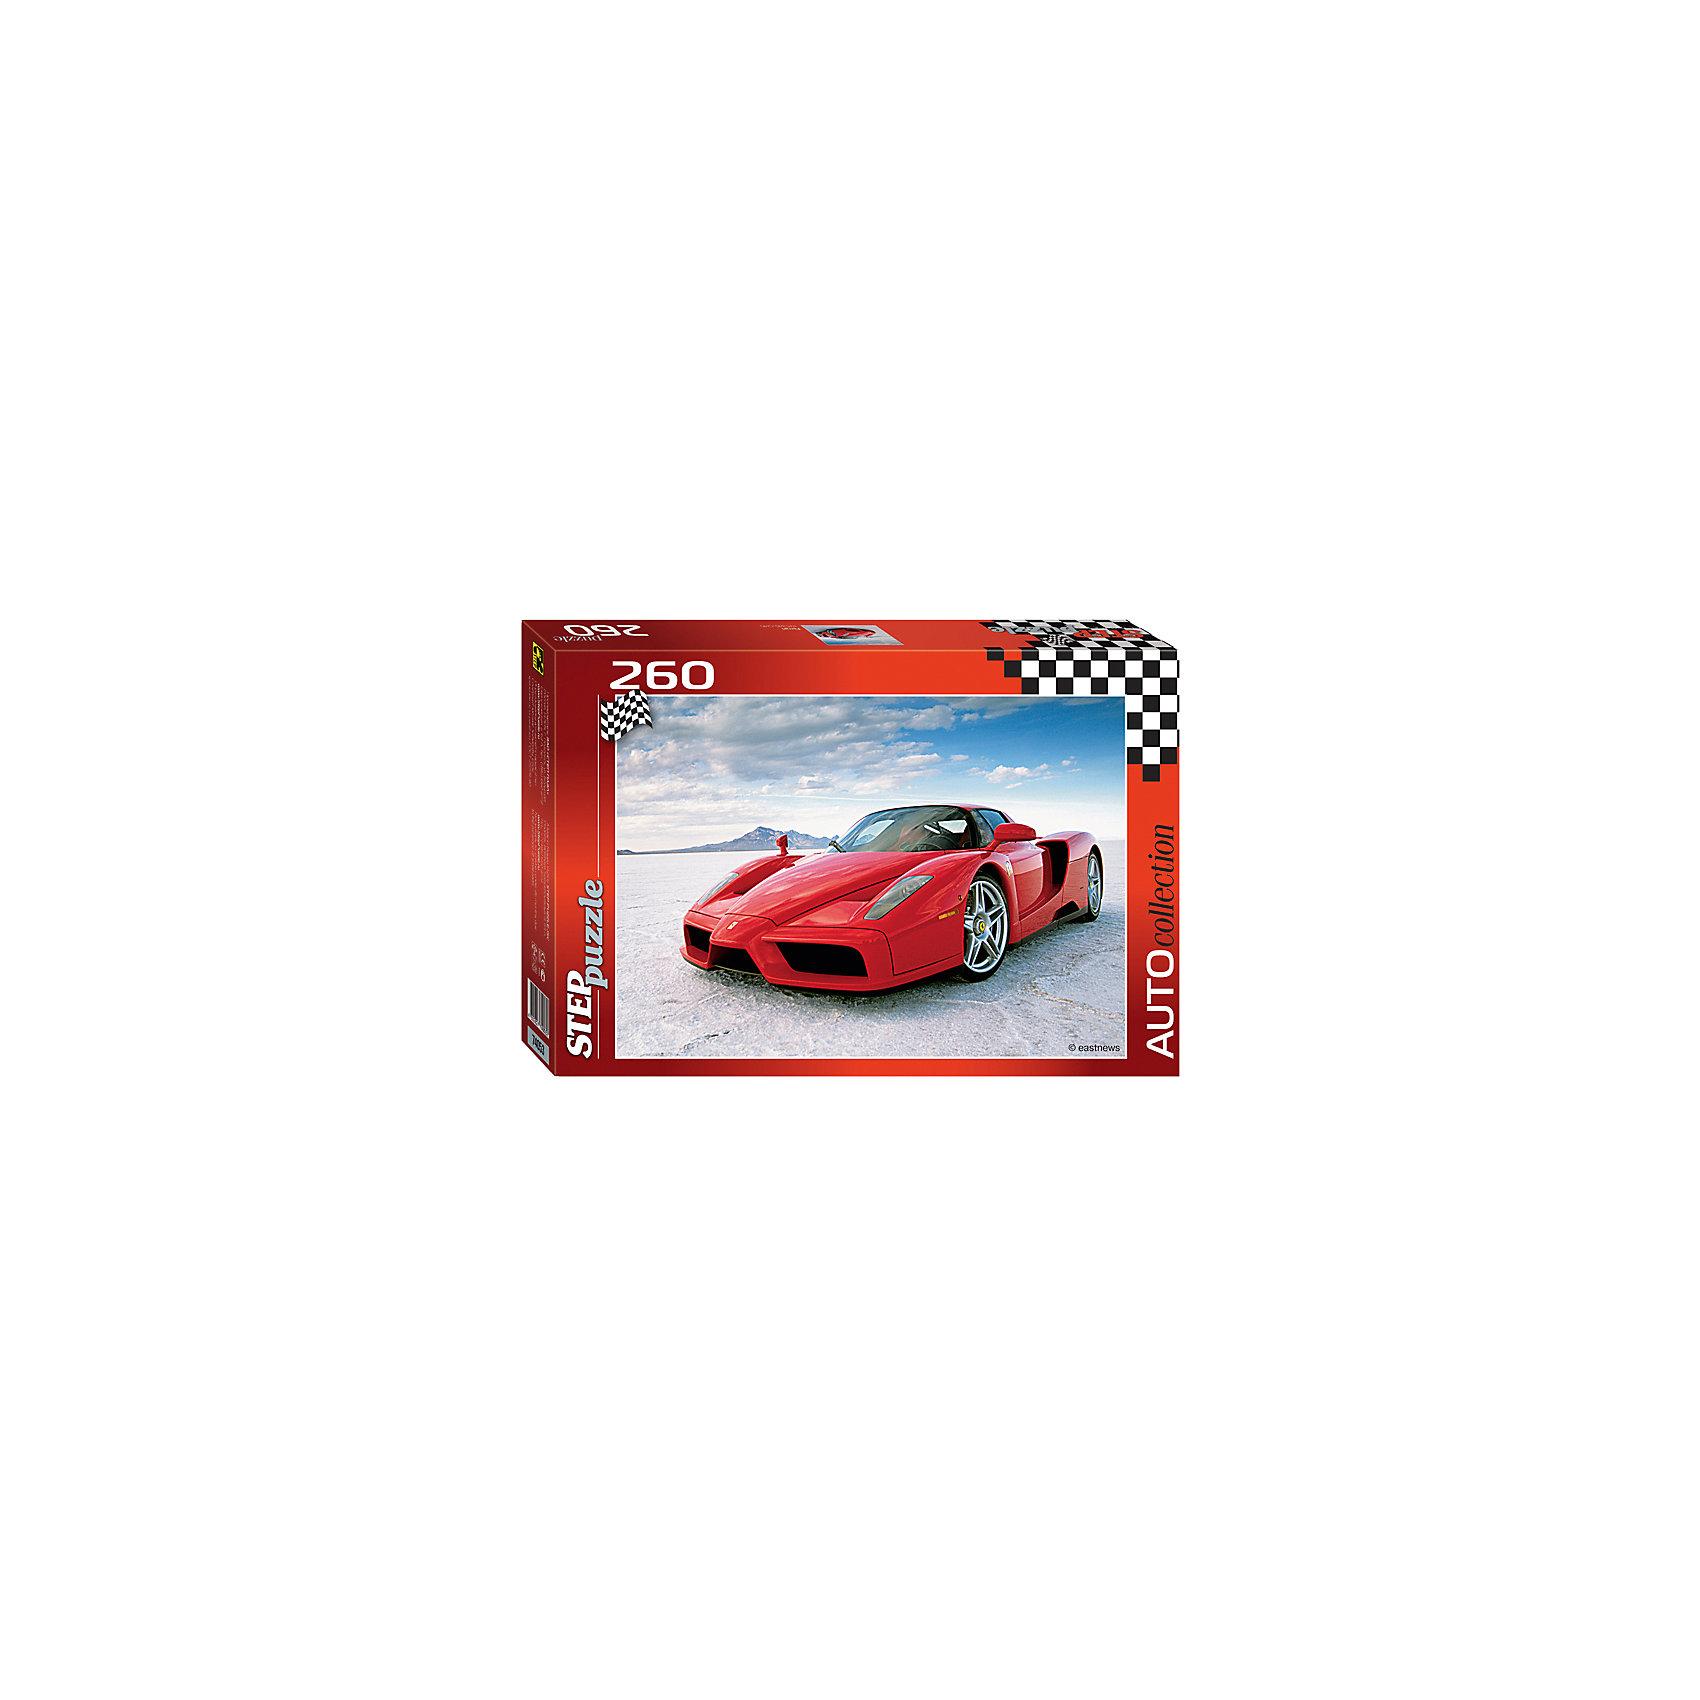 Пазл Феррари, 260 деталей, Step PuzzleПазл Феррари, 260 деталей, Step Puzzle (Степ Пазл) – это замечательный красочный пазл для ценителей крутых автомобилей.<br>Первый автомобиль Ferrari вышел в 1946 году и был разработан самим основателем фирмы Энцо Феррари. Сегодня Ferrari – это скорость и автогонки. Компания всю свою историю была (и продолжает оставаться) неотъемлемой частью мира гонок. Сегодня представить соревнования «Формула 1» без Scuderia Ferrari просто невозможно. Красочный  Феррари от торговой марки Step Puzzle (Степ Пазл) станет прекрасным подарком, как для малышей, так и для взрослых. Все элементы изготовлены из прочного картона. Качественные фрагменты пазла отлично проклеены, не расслаиваются и идеально подходят один к другому, поэтому сборка пазла обеспечит только положительные эмоции. Собрав все детали, Вы получите яркую картинку с изображением стильного спорткара. Занятия с пазлом поспособствуют развитию множества полезных навыков, таких как мелкая моторика рук, пространственное мышление, память и наблюдательность.<br><br>Дополнительная информация:<br><br>- Количество деталей: 260<br>- Материал: картон<br>- Размер собранной картины: 34,5х24 см.<br>- Отличная проклейка<br>- Детали идеально подходят друг другу<br>- Упаковка: картонная коробка<br>- Размер упаковки: 280x40x195 мм.<br>- Вес: 400 гр.<br><br>Пазл Феррари, 260 деталей, Step Puzzle (Степ Пазл) можно купить в нашем интернет-магазине.<br><br>Ширина мм: 280<br>Глубина мм: 40<br>Высота мм: 195<br>Вес г: 400<br>Возраст от месяцев: 72<br>Возраст до месяцев: 192<br>Пол: Унисекс<br>Возраст: Детский<br>SKU: 4588287